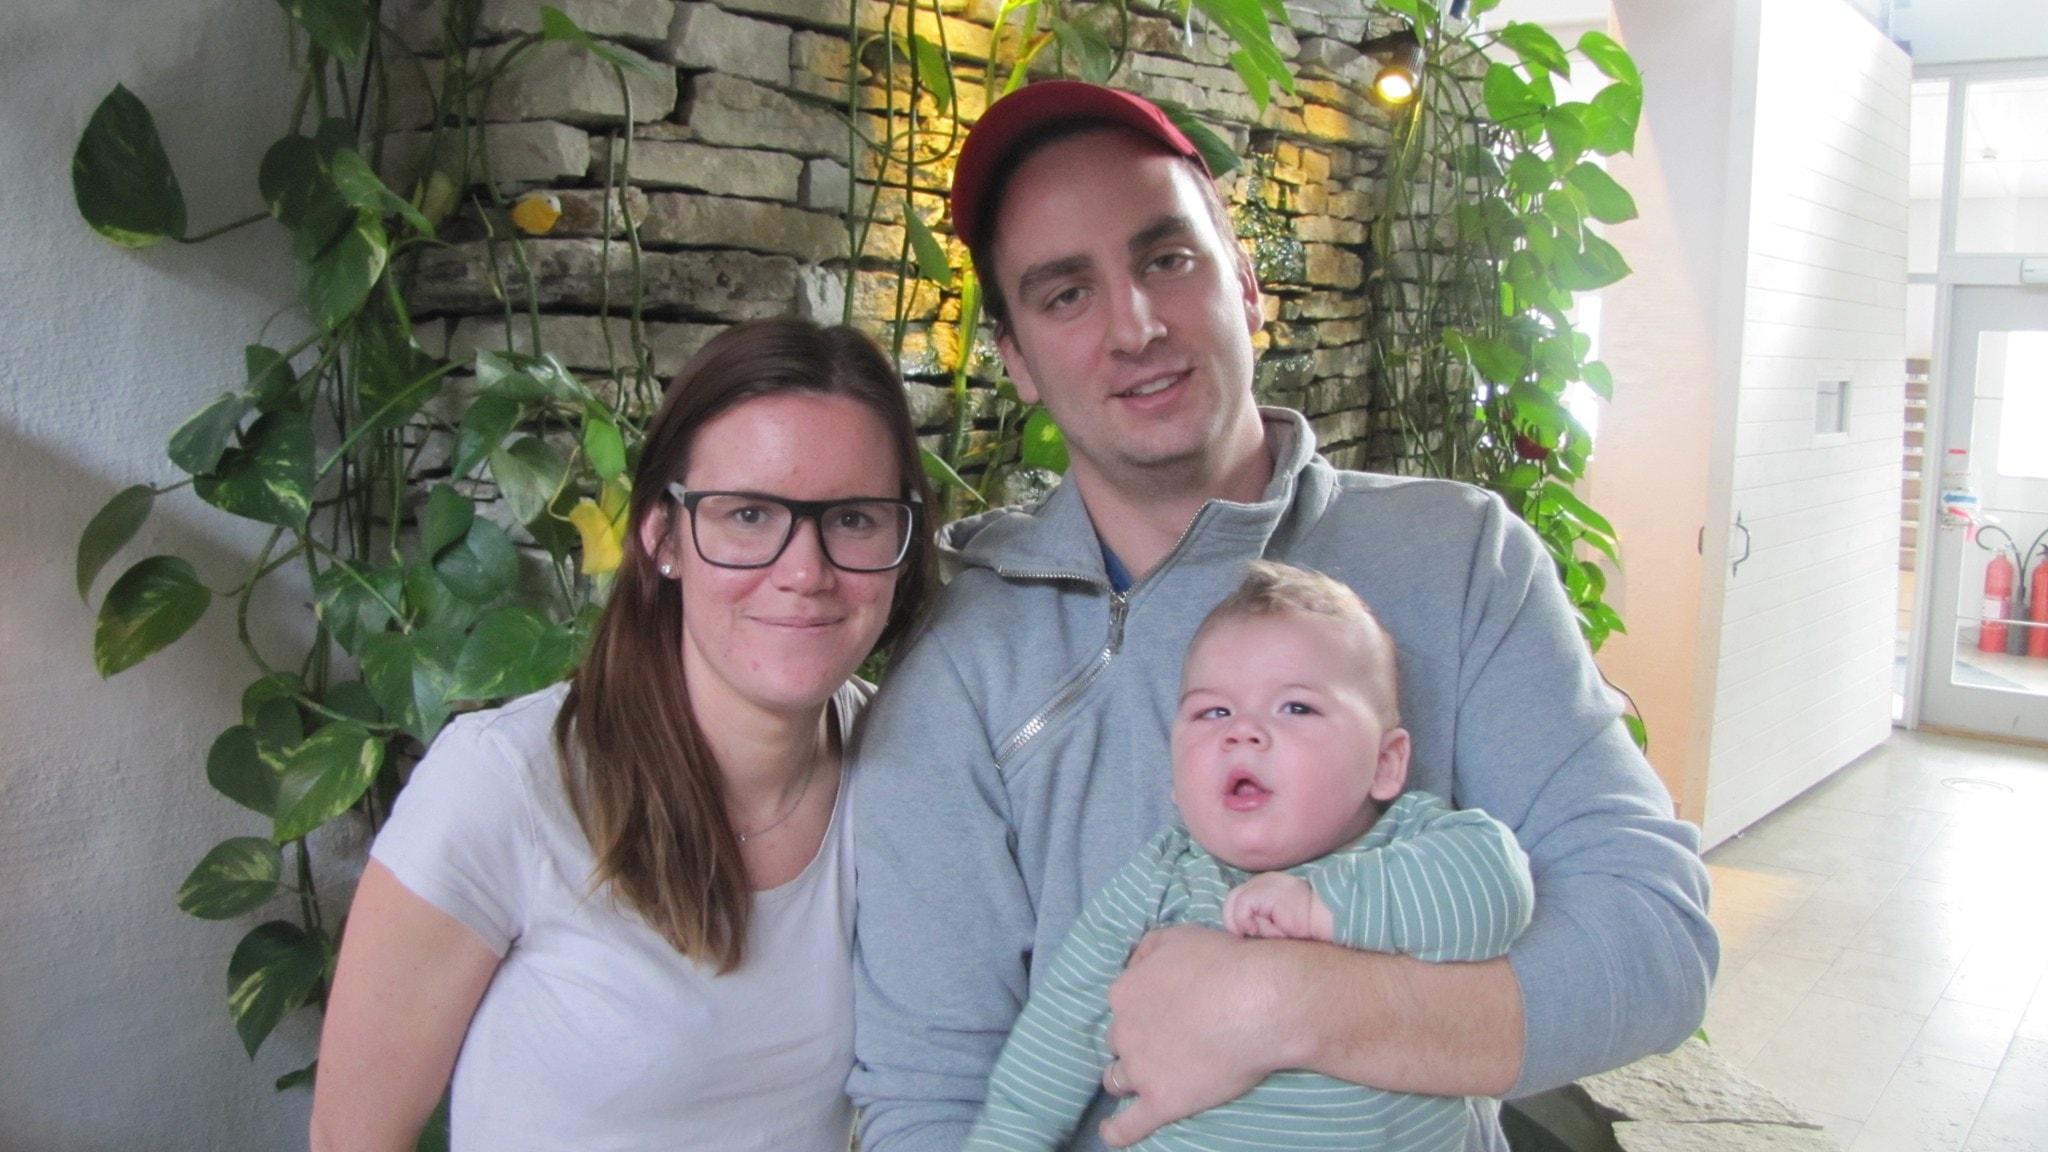 Ettårige Melker lider av svår epilepsi